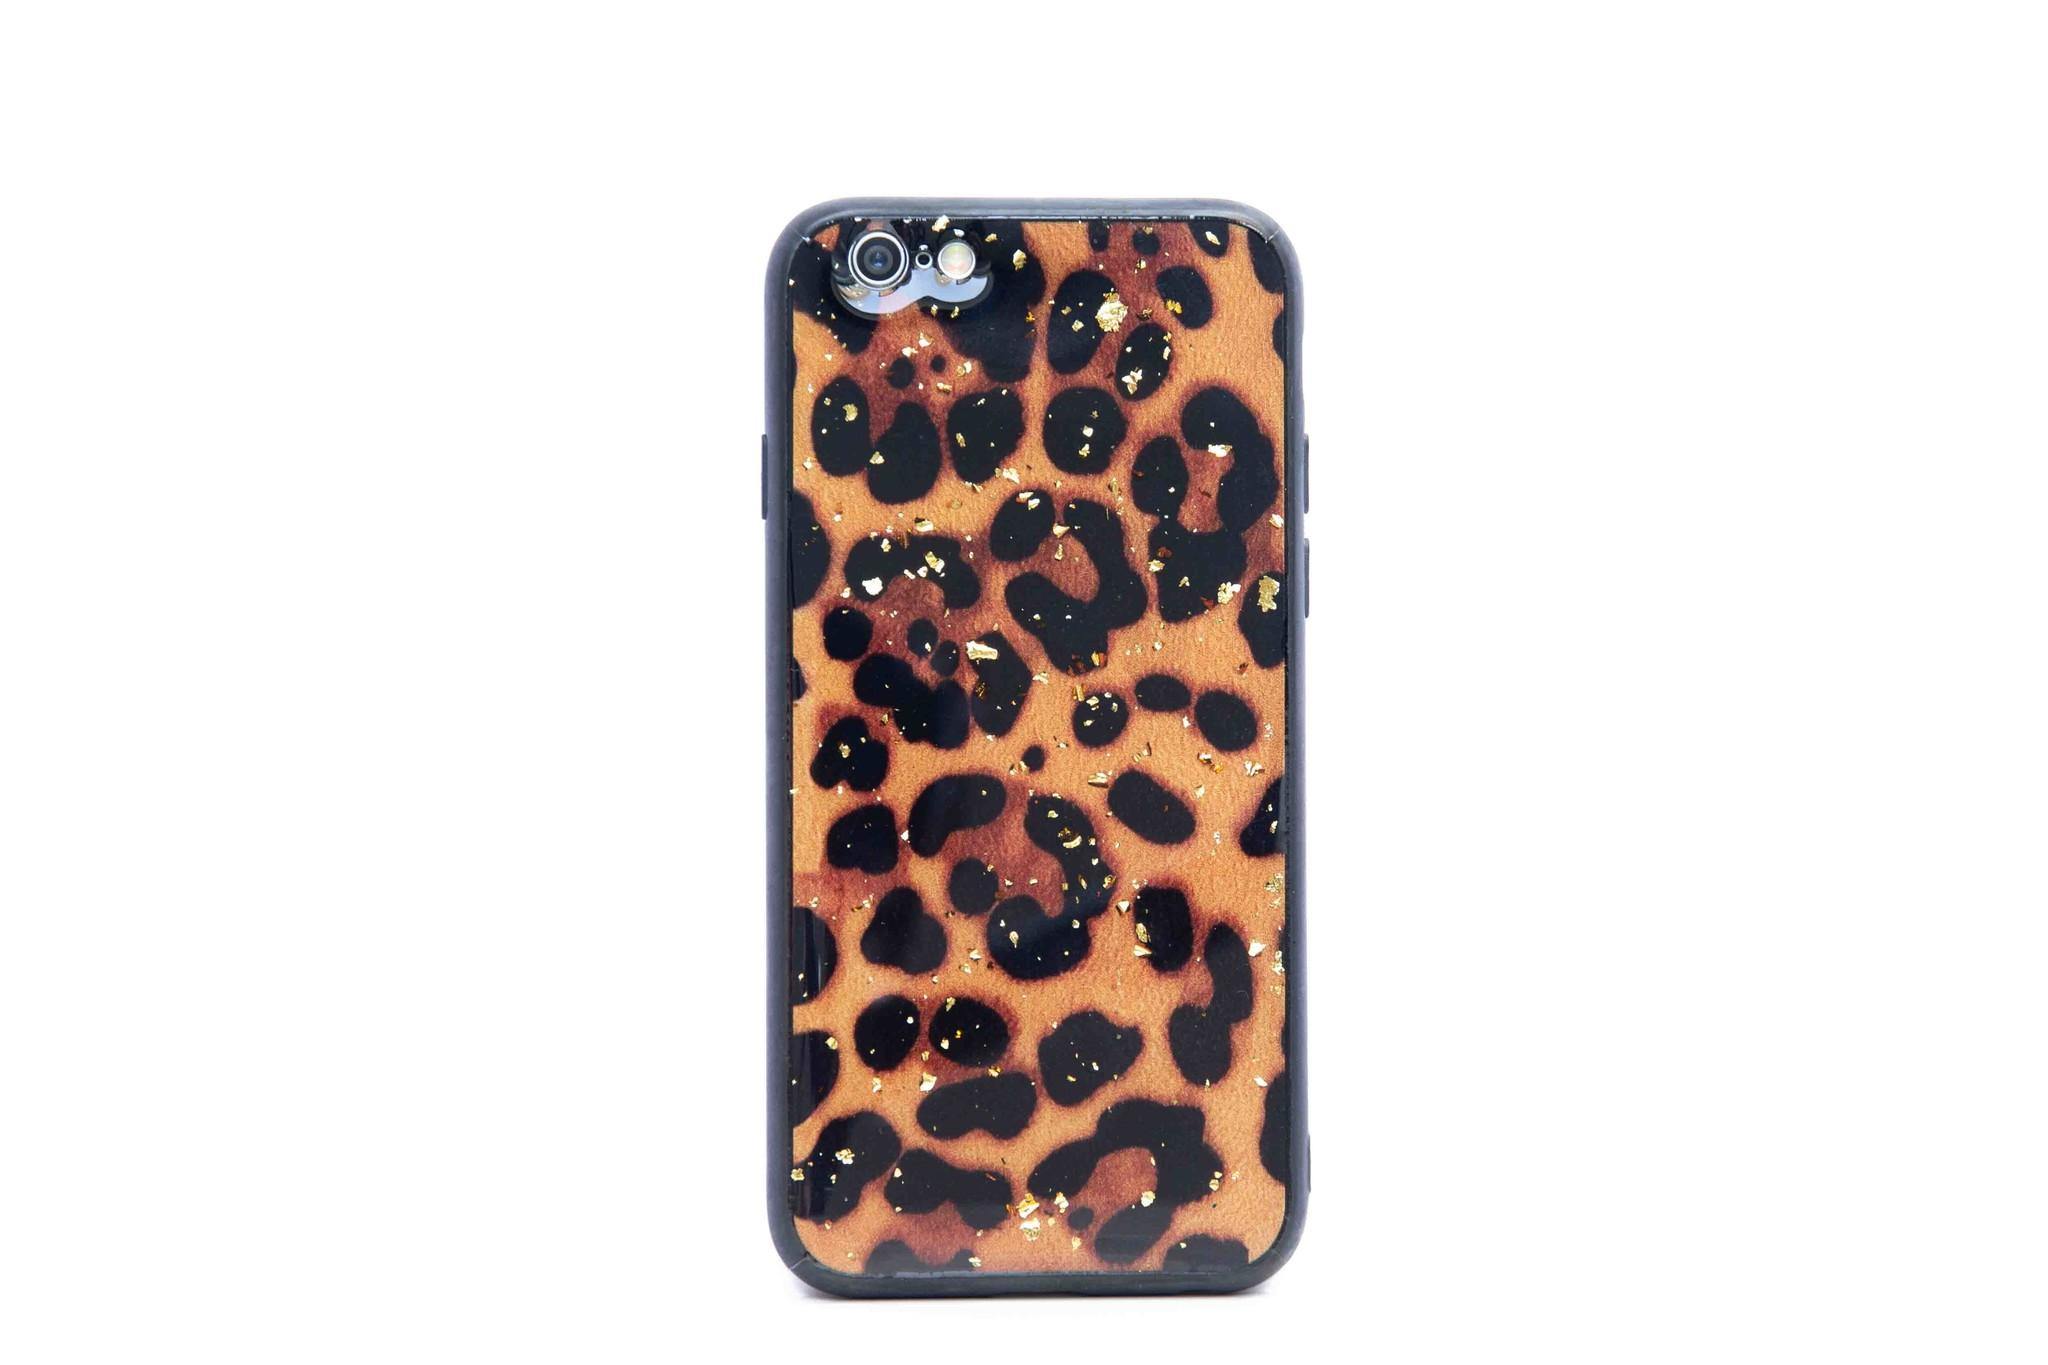 Smartphonehoesje iPhone 6s | Luipaard print (glitters) | Zwart / bruin